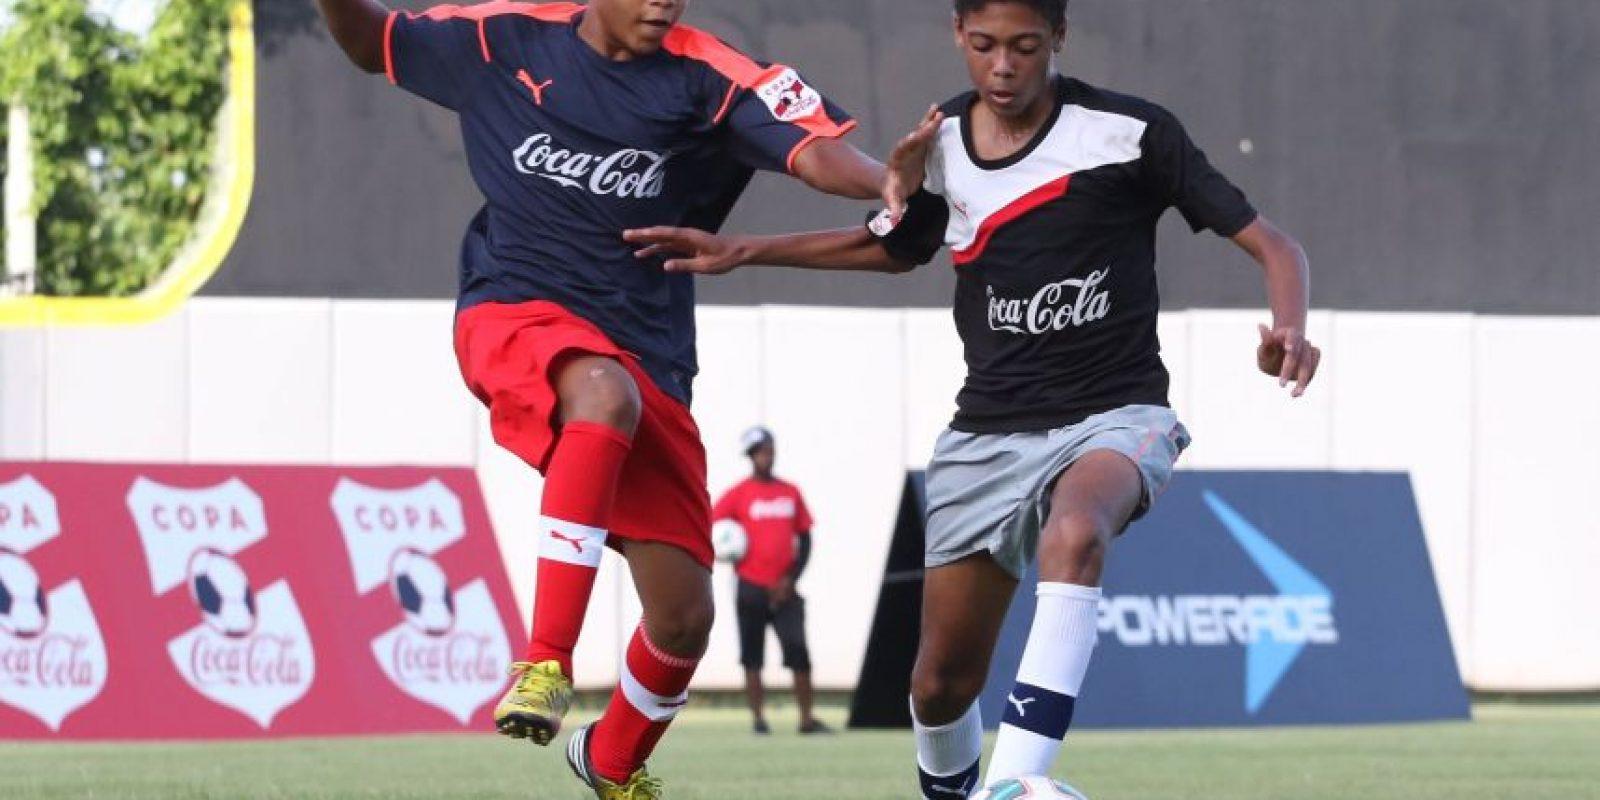 Acción del partido entre los equipos del colegio San Judas Tadeo y la escuela Angulo Guridi durante la ronda de grupos de la etapa capitaleña d. Foto:Fuente externa